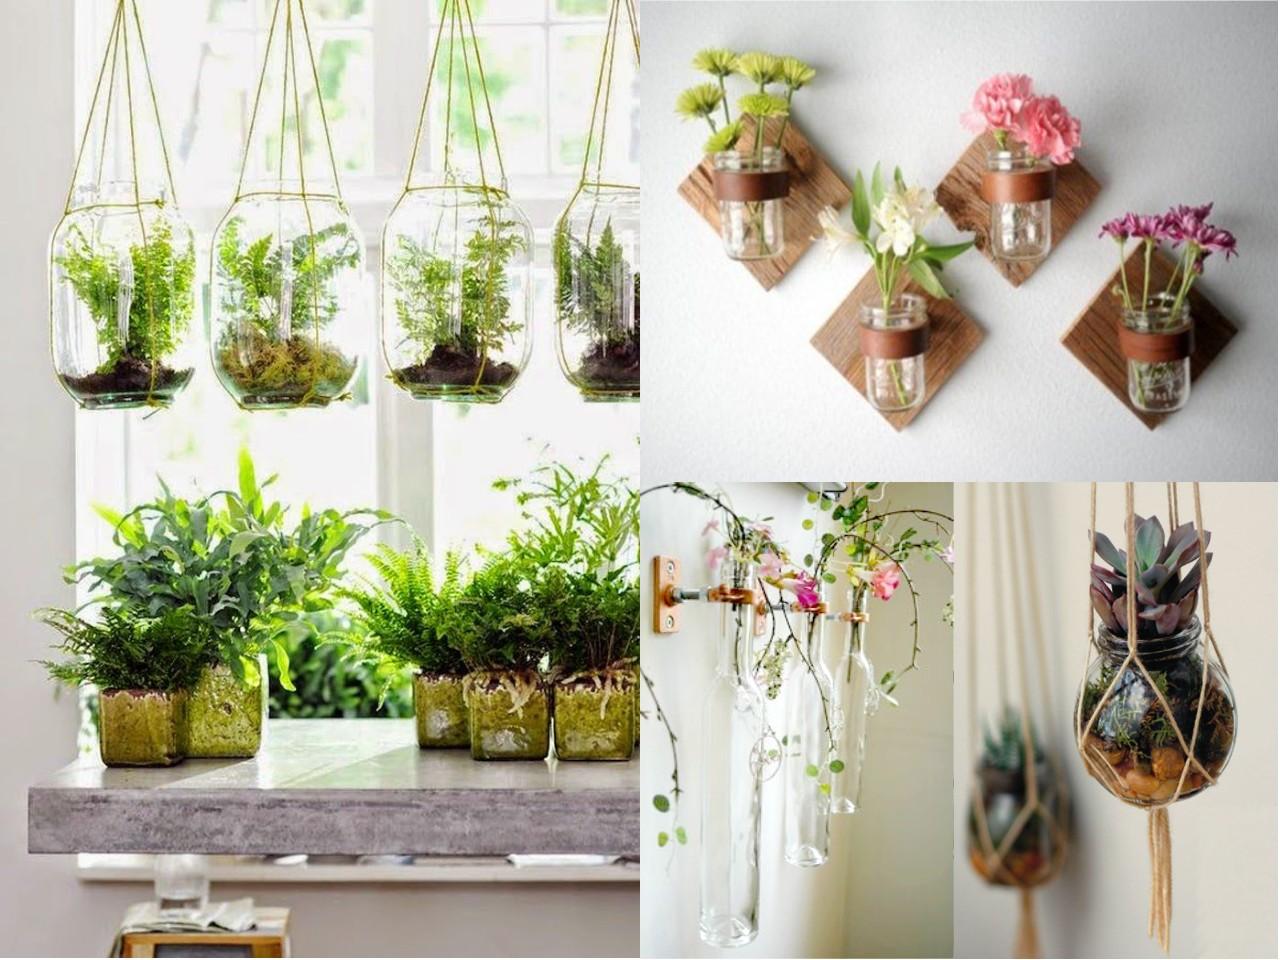 compartimos algunas ideas de cmo y donde puedes colocar las plantas colgantes para interiores de tal manera que den un estilo nico a cada espacio